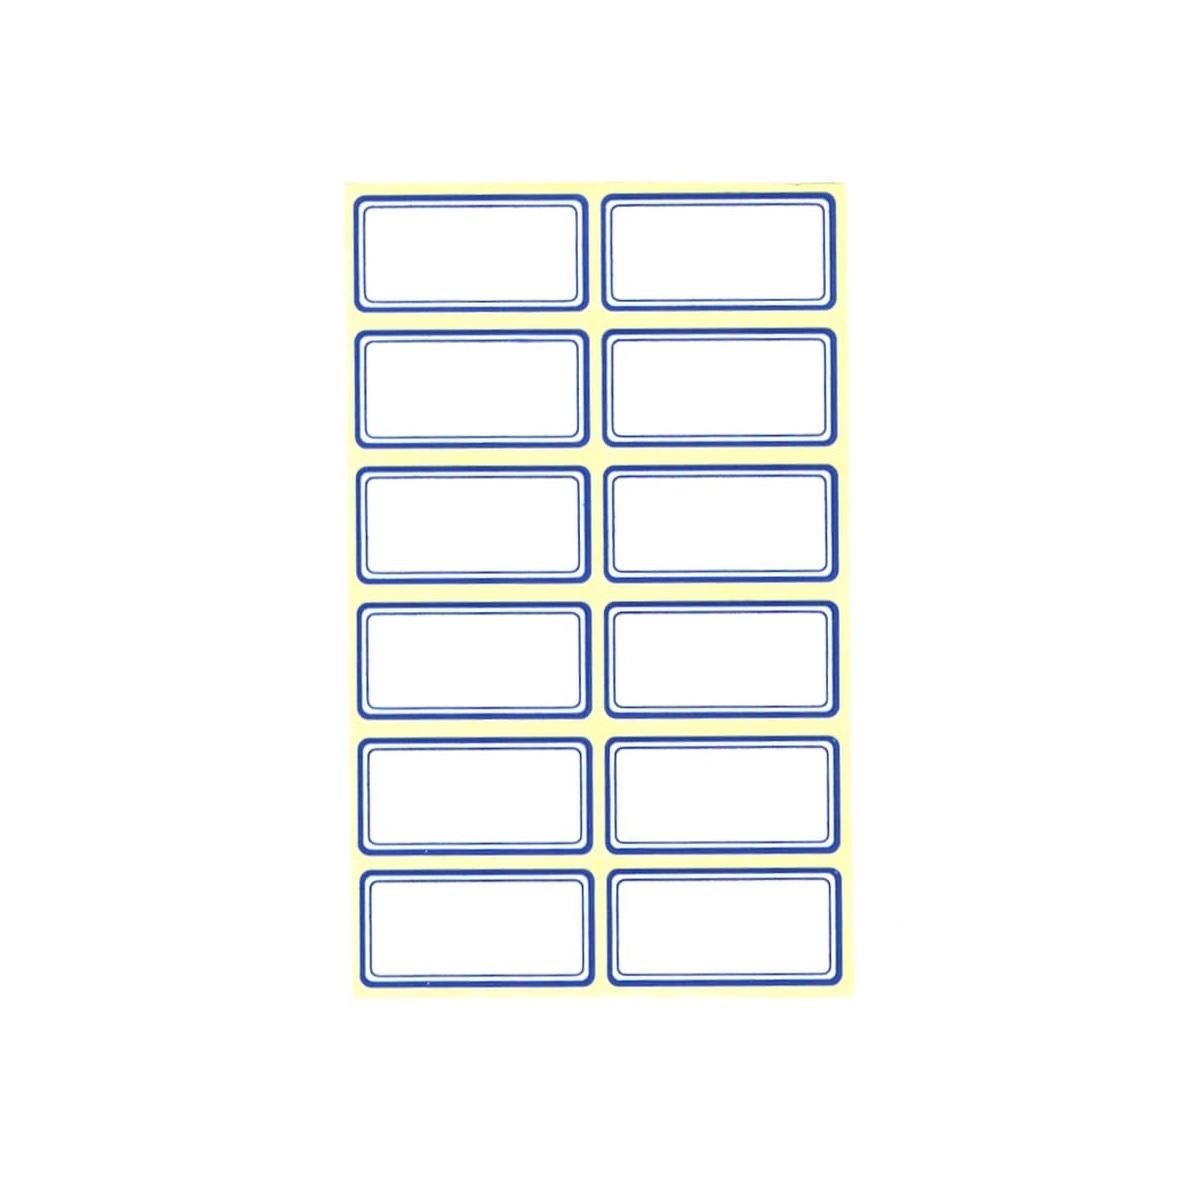 برچسب کد 9 بسته 50 عددی